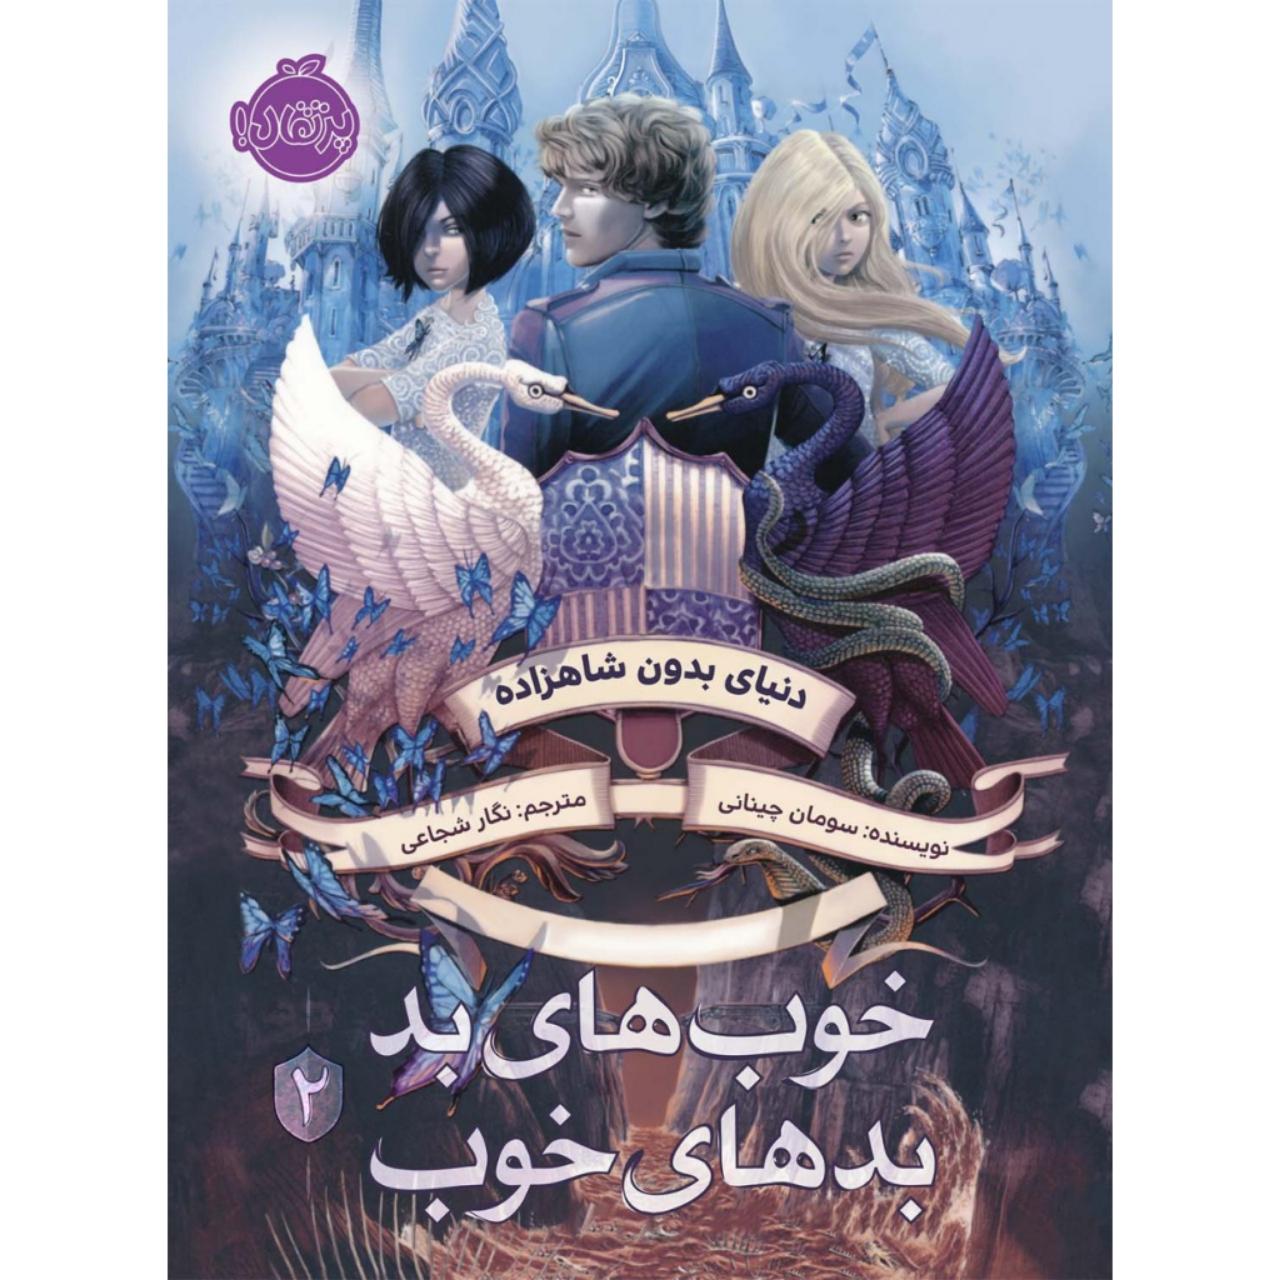 کتاب خوب های بد بد های خوب 2 اثر سومان چینانی انتشارات پرتقال